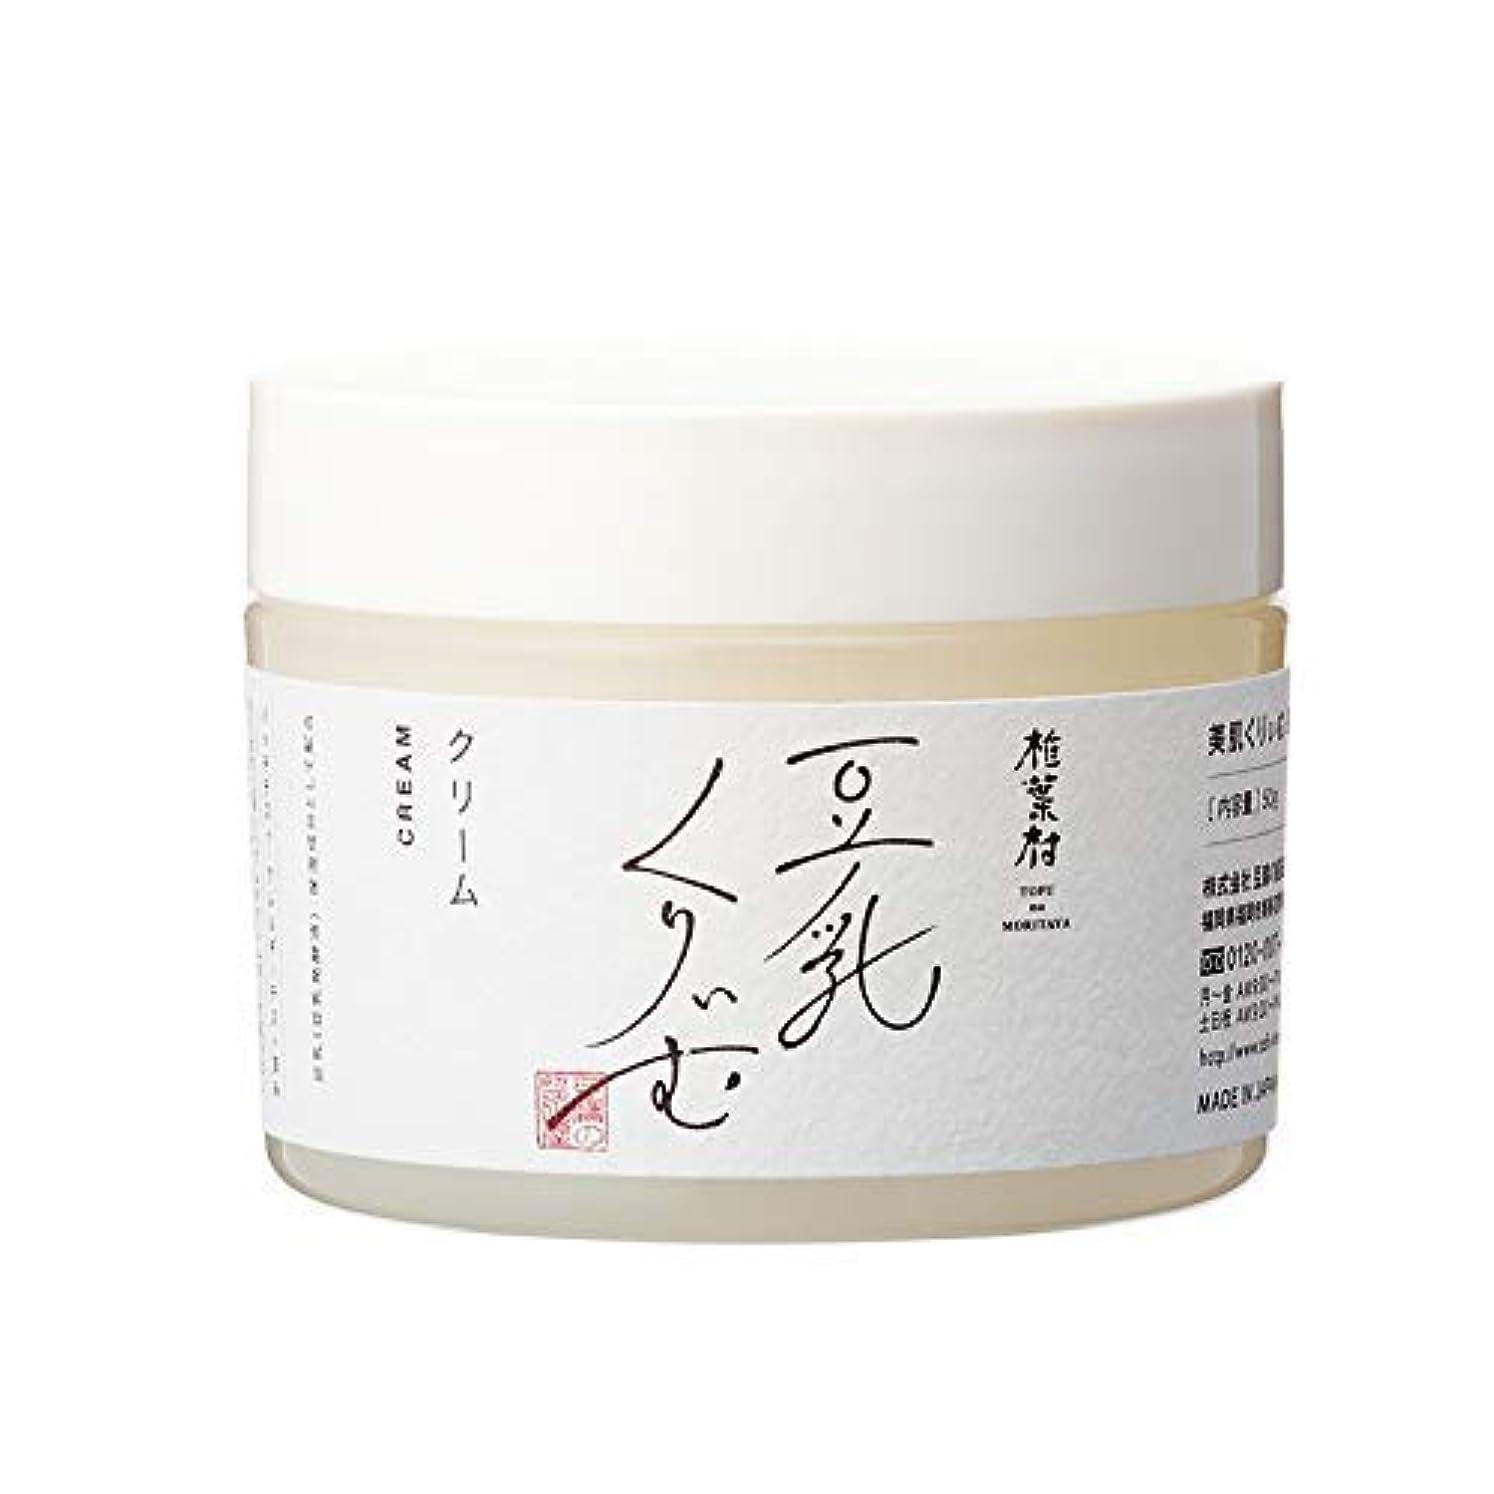 ベイビーリスト移植豆腐の盛田屋 豆乳くりぃむ 自然生活 50g